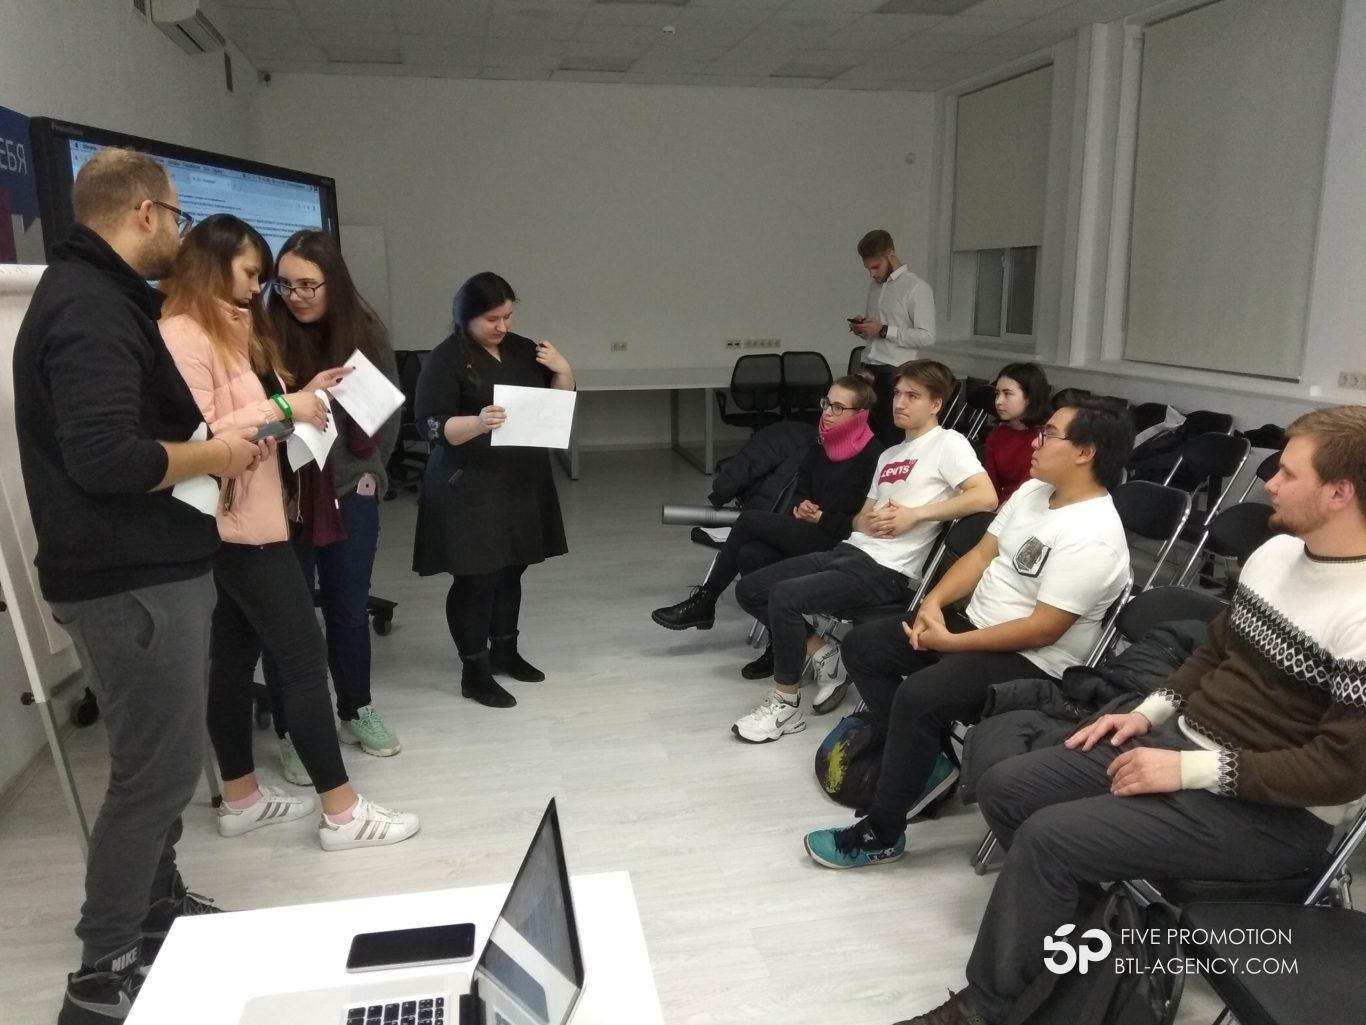 правила оформления презентации, Мастер класс «Дизайн в презентации» в ЦЗМ от Five Promotion